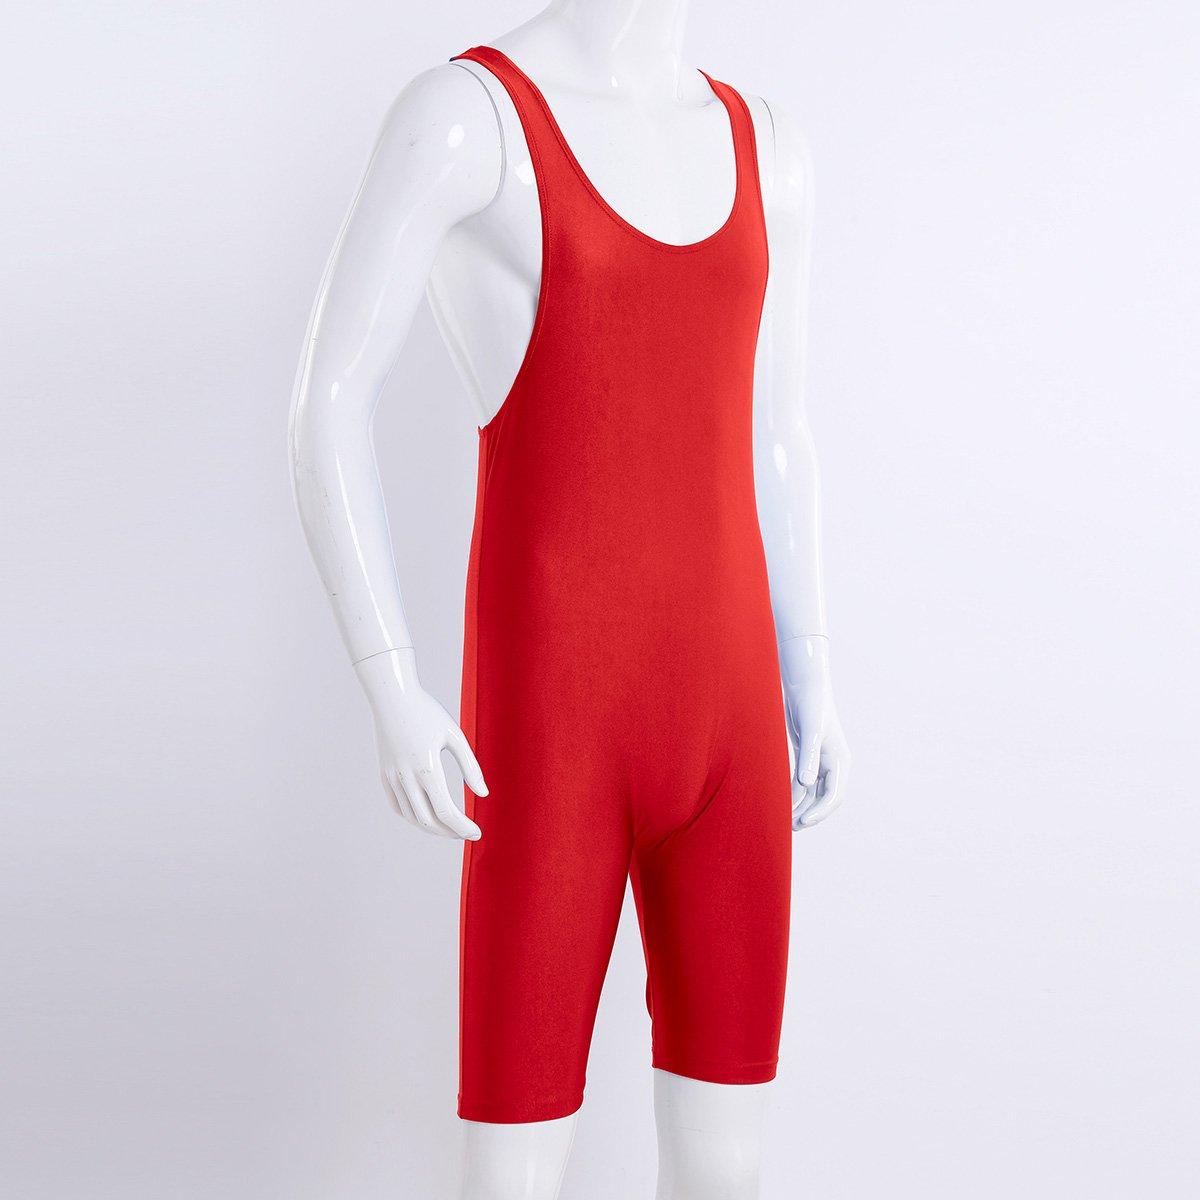 FEESHOW Mens Wrestling Singlet One Piece Sport Bodysuit Leotard Gym Outfit Underwear